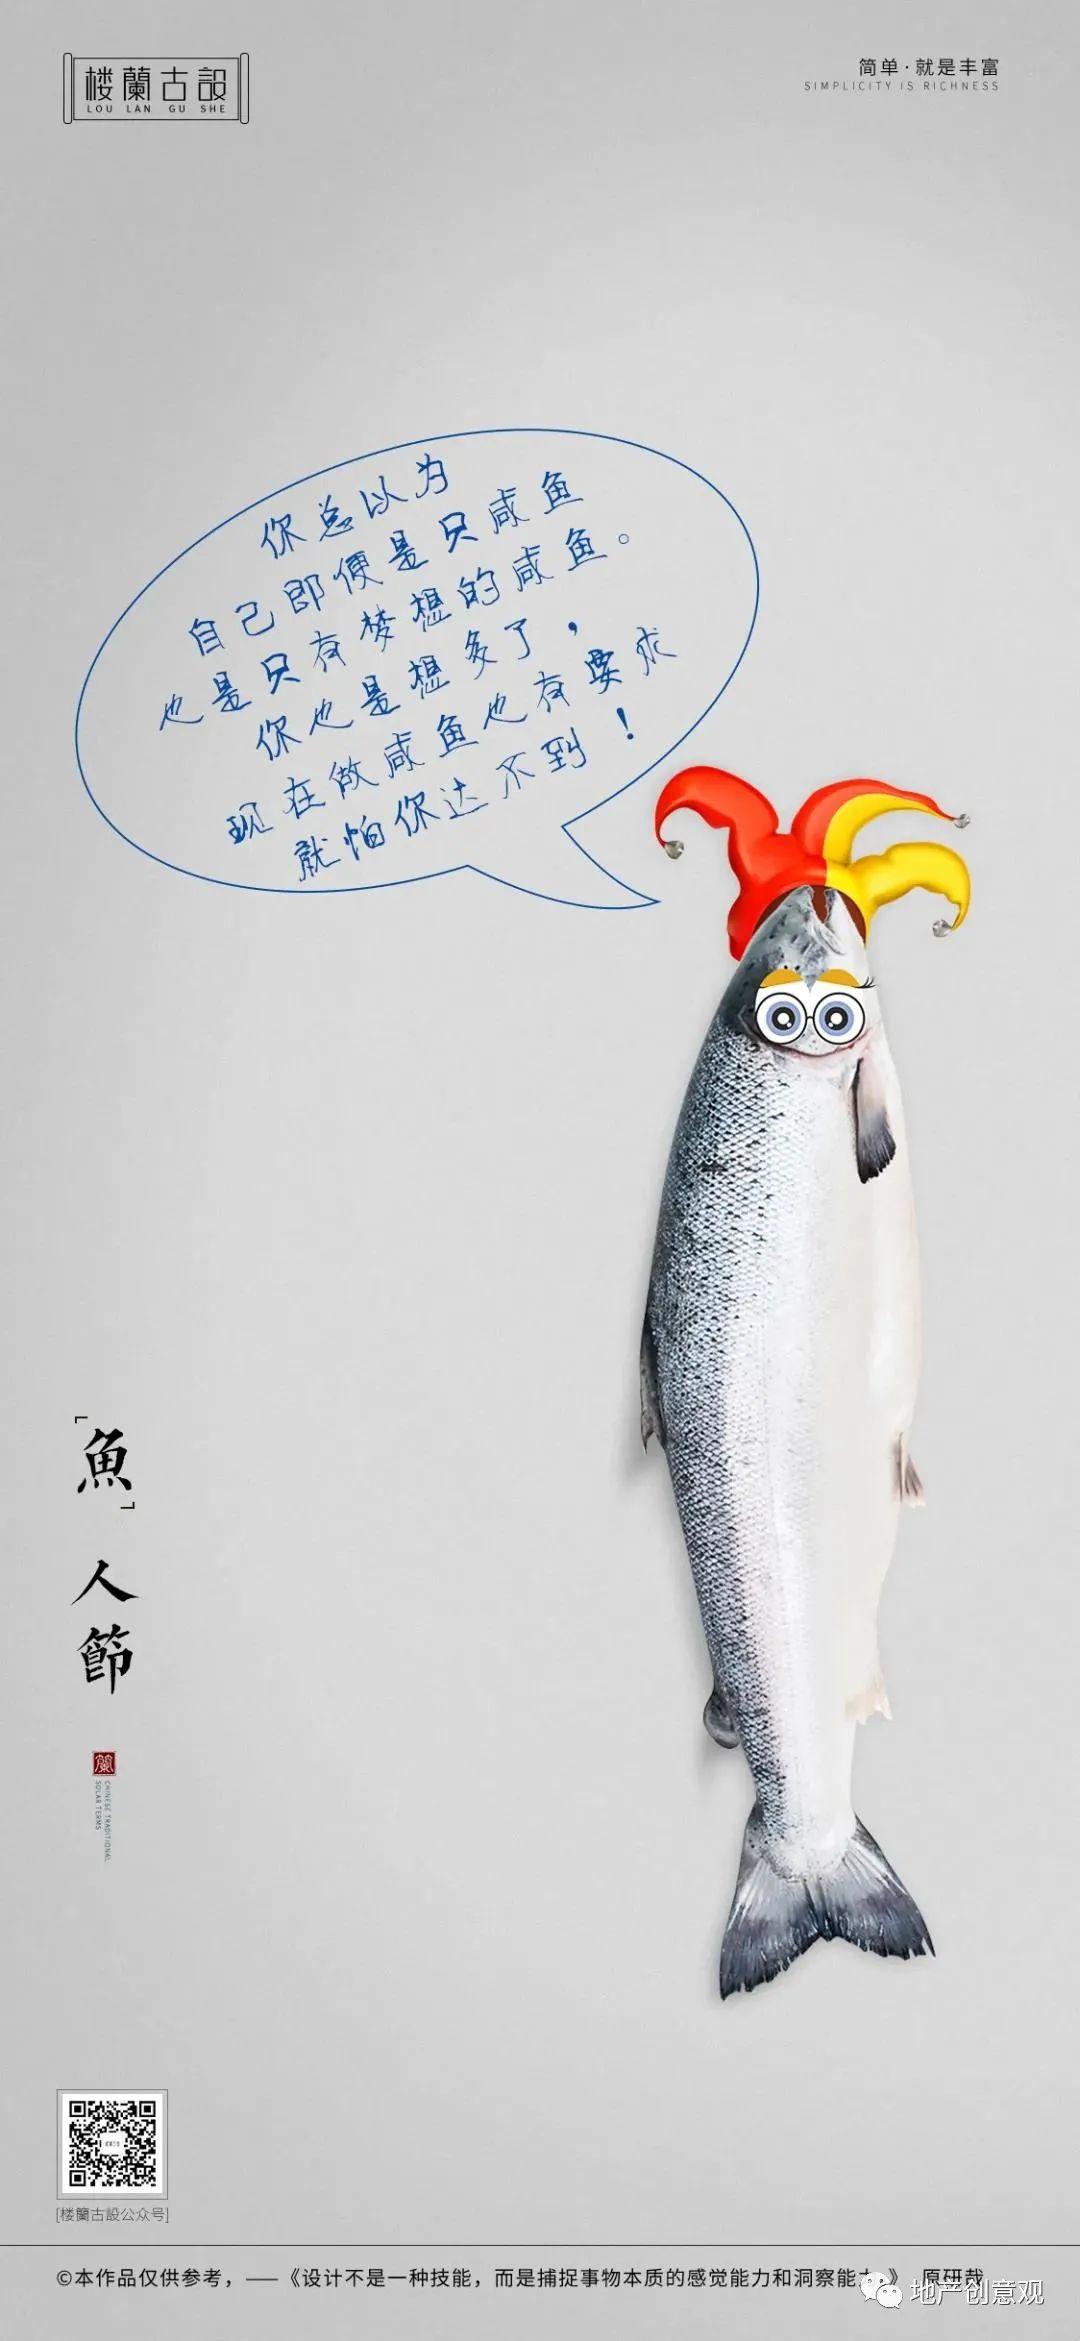 地产广告丨2021愚人节借势海报文案欣赏~插图221